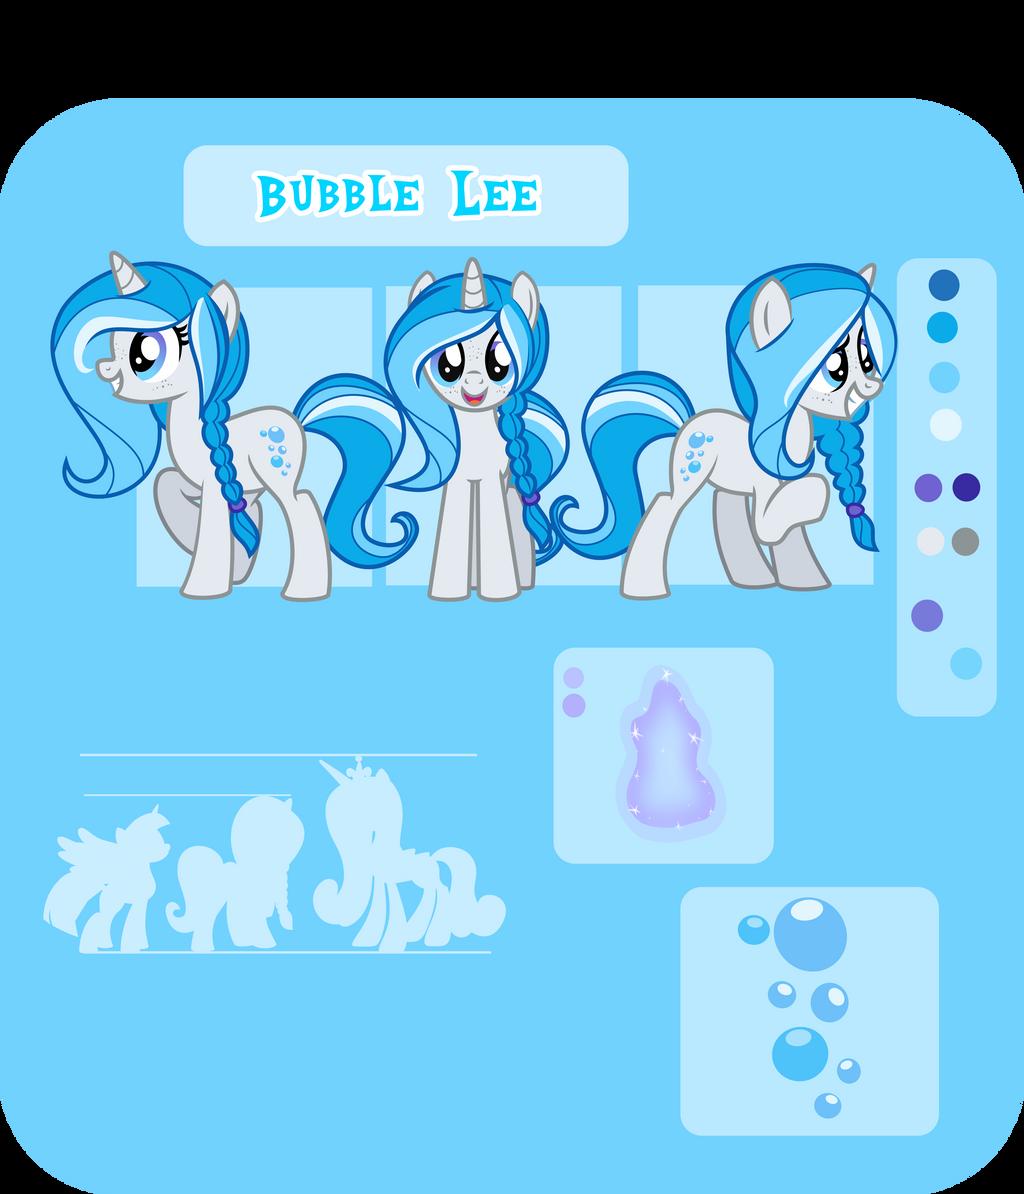 bubble lee ref sheet 2015 by askbubblelee on deviantart